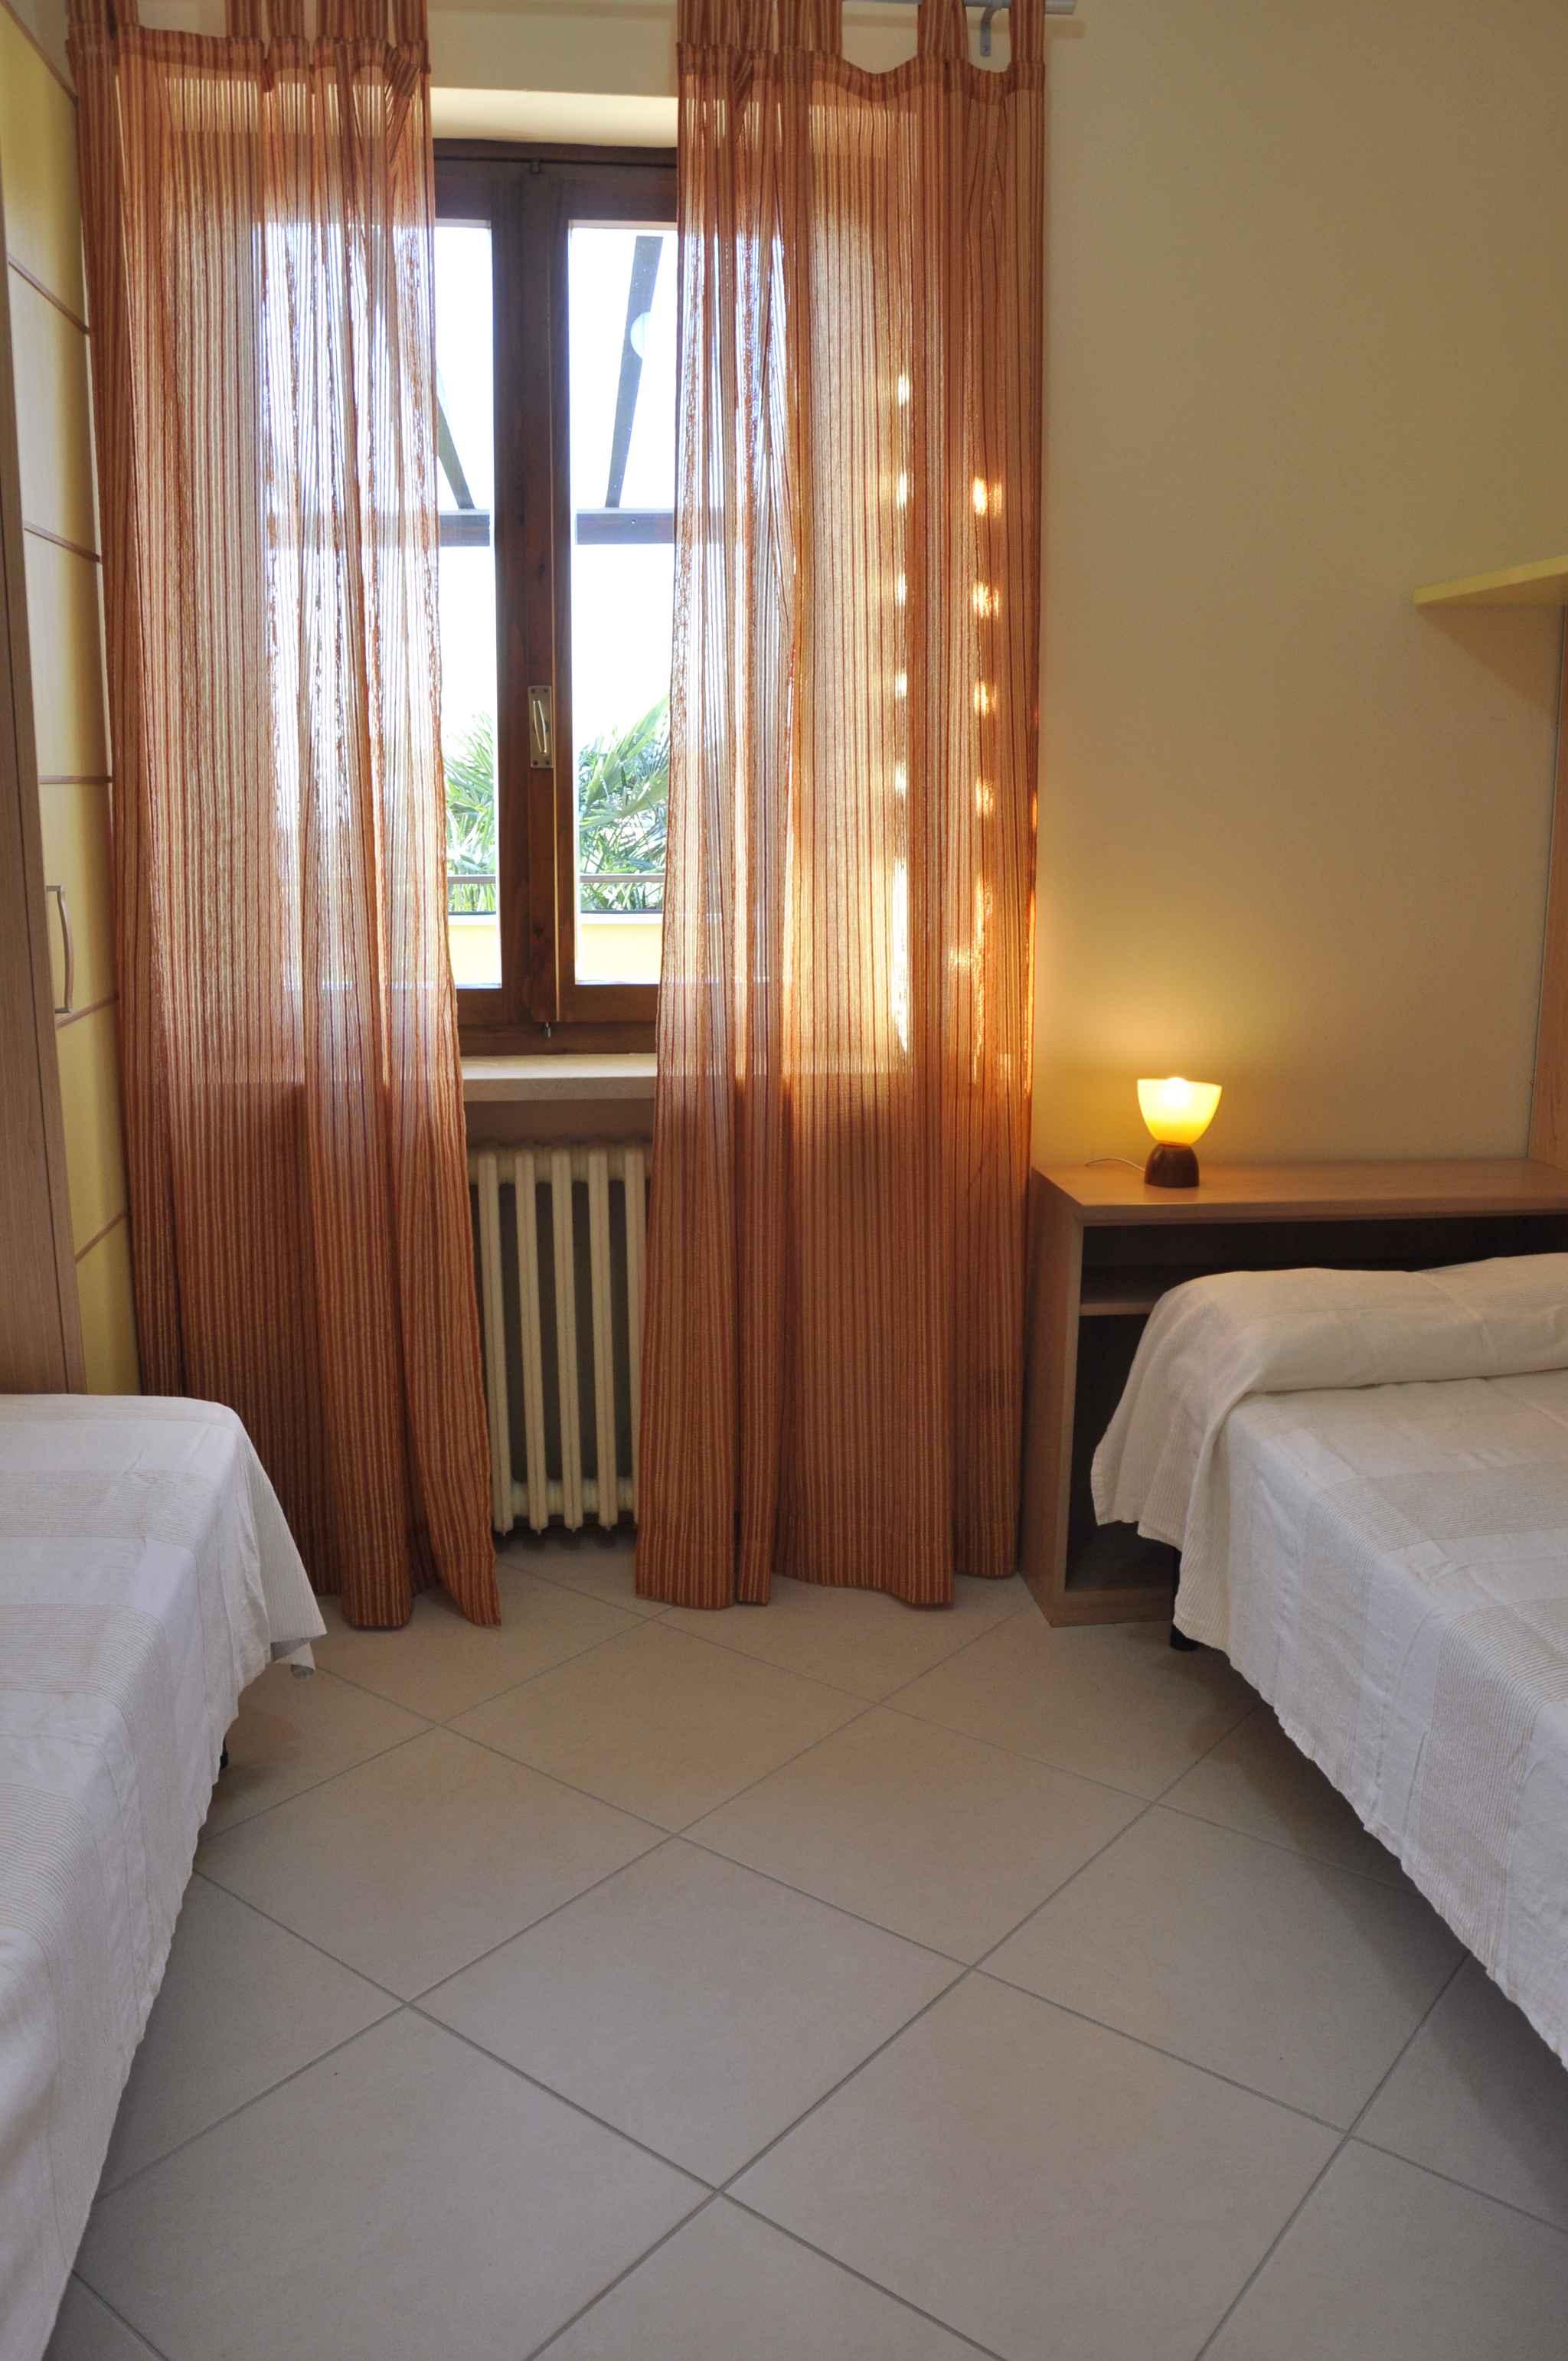 Ferienwohnung con balcone (480312), Lazise, Gardasee, Venetien, Italien, Bild 24